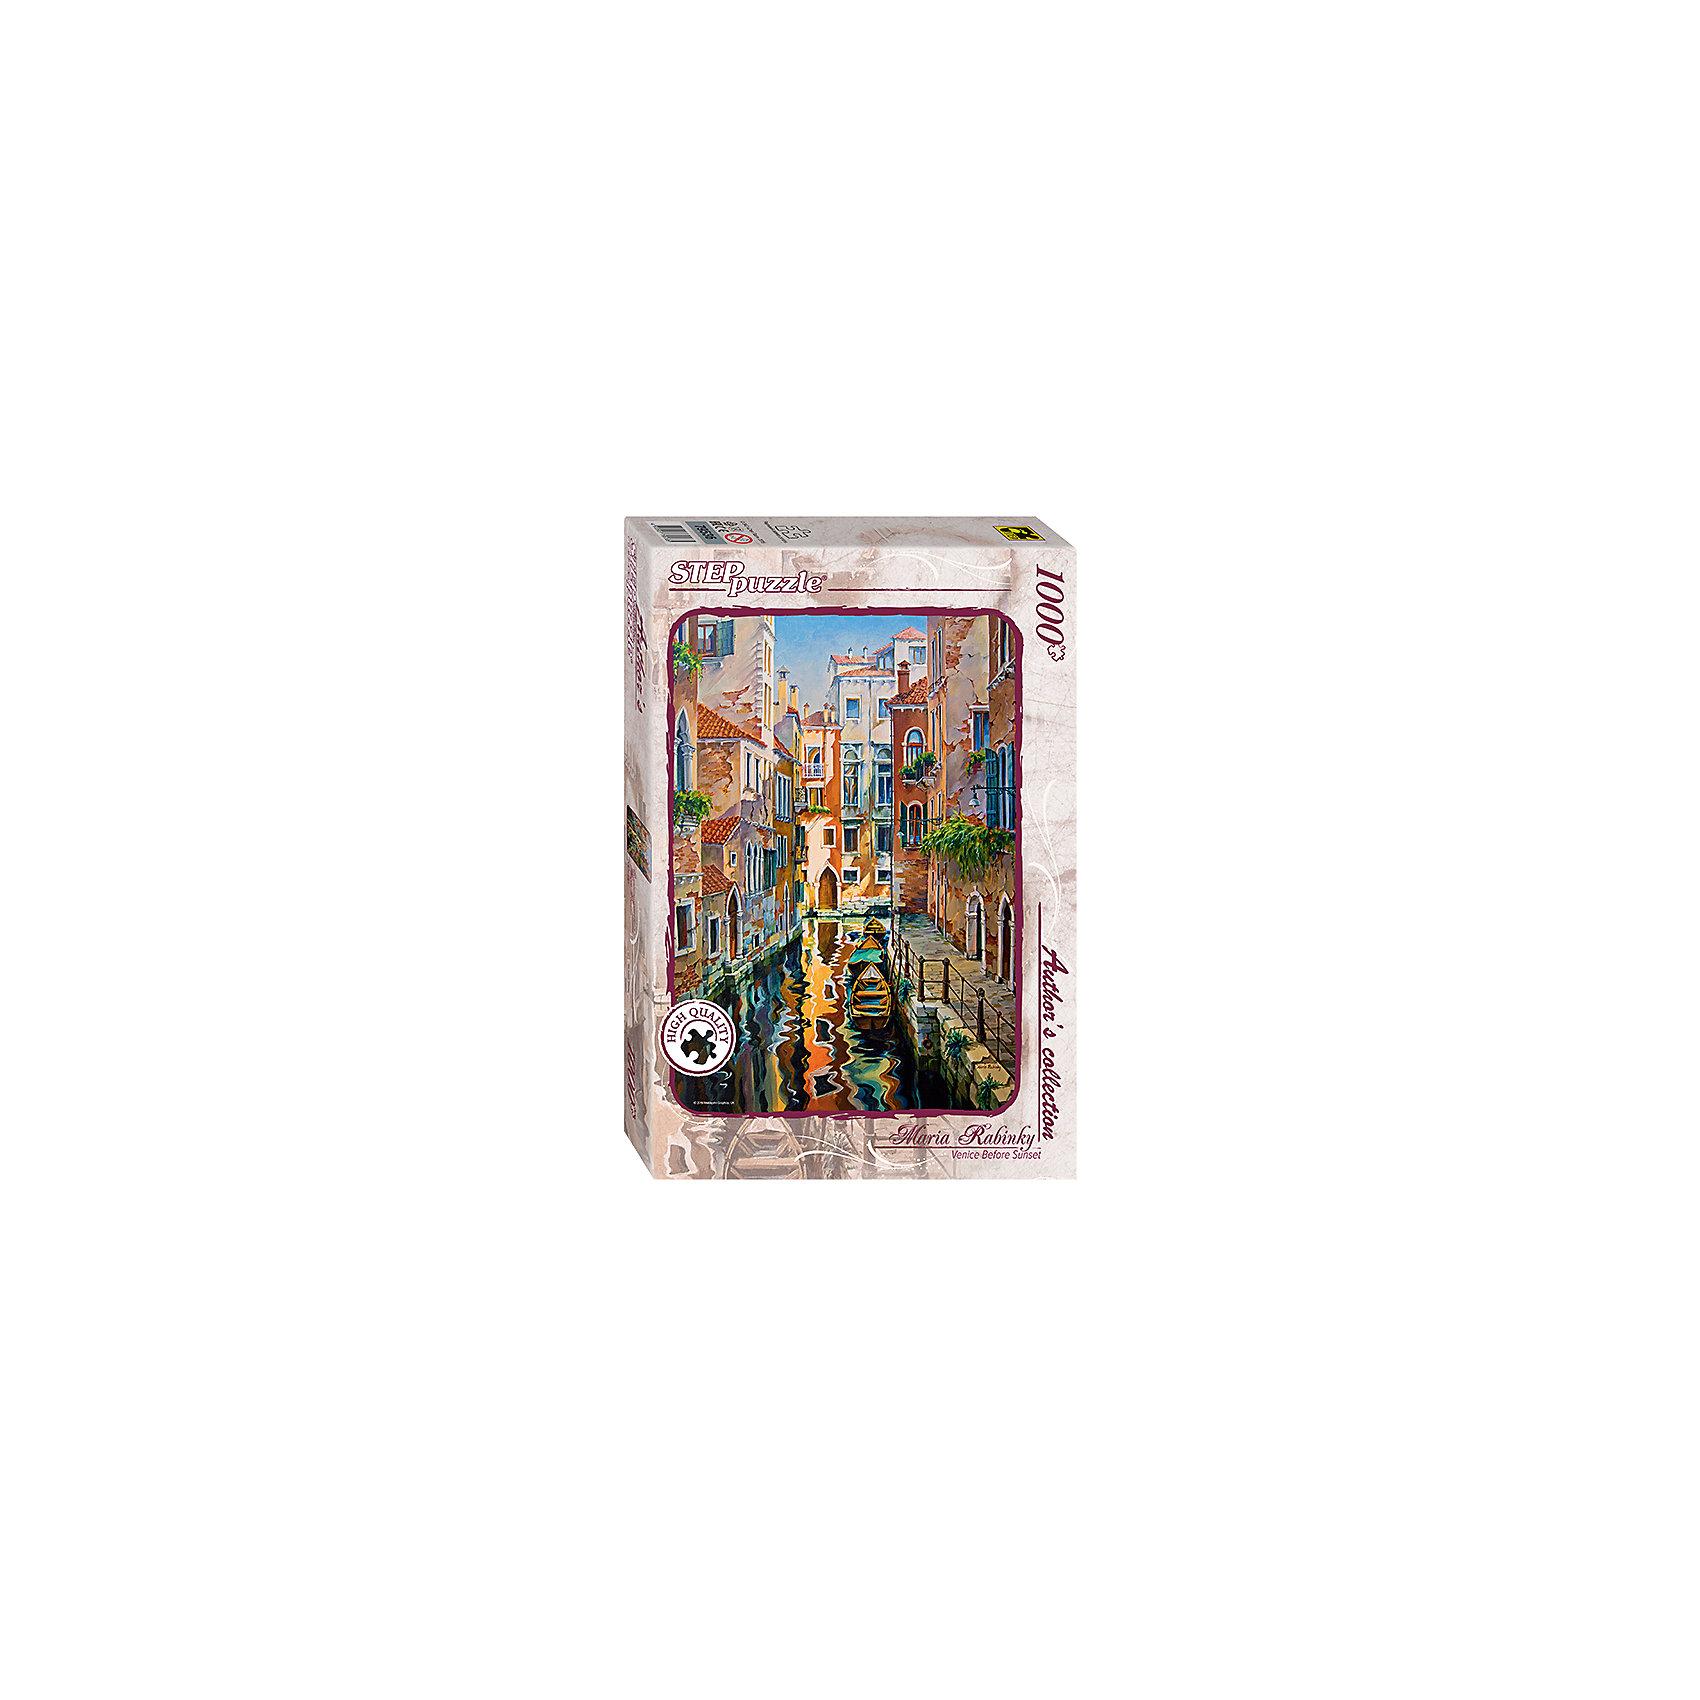 Пазл  Солнечная аллея в Венеции, 1000 деталей, Step PuzzleКоличество деталей<br>Характеристики товара:<br><br>- цвет: разноцветный;<br>- материал: картон;<br>- деталей: 1000;<br>- высокая точность подгонки элементов;<br>- отличное качество печати;<br>- упаковка: коробка.<br><br>Собирать пазлы любят и дети, и взрослые! Это занятие может не только позволять весело проводить время, но и помогать всестороннему развитию ребенка. Изделие представляет собой детали, из которых нужно собрать очень красивую картинку. Все детали отлично проработаны, готовое изображение можно даже зафиксировать на бумаге и украсить им интерьер!<br>Собирание пазлов поможет формированию разных навыков, оно помогает развить тактильное восприятие, мелкую моторику, воображение, внимание и логику. Изделие произведено из качественных материалов, безопасных для ребенка. Набор станет отличным подарком детям!<br><br>Пазл Солнечная аллея в Венеции, 1000 деталей, от бренда Step Puzzle можно купить в нашем интернет-магазине.<br><br>Ширина мм: 400<br>Глубина мм: 270<br>Высота мм: 55<br>Вес г: 780<br>Возраст от месяцев: 84<br>Возраст до месяцев: 180<br>Пол: Унисекс<br>Возраст: Детский<br>SKU: 5138178